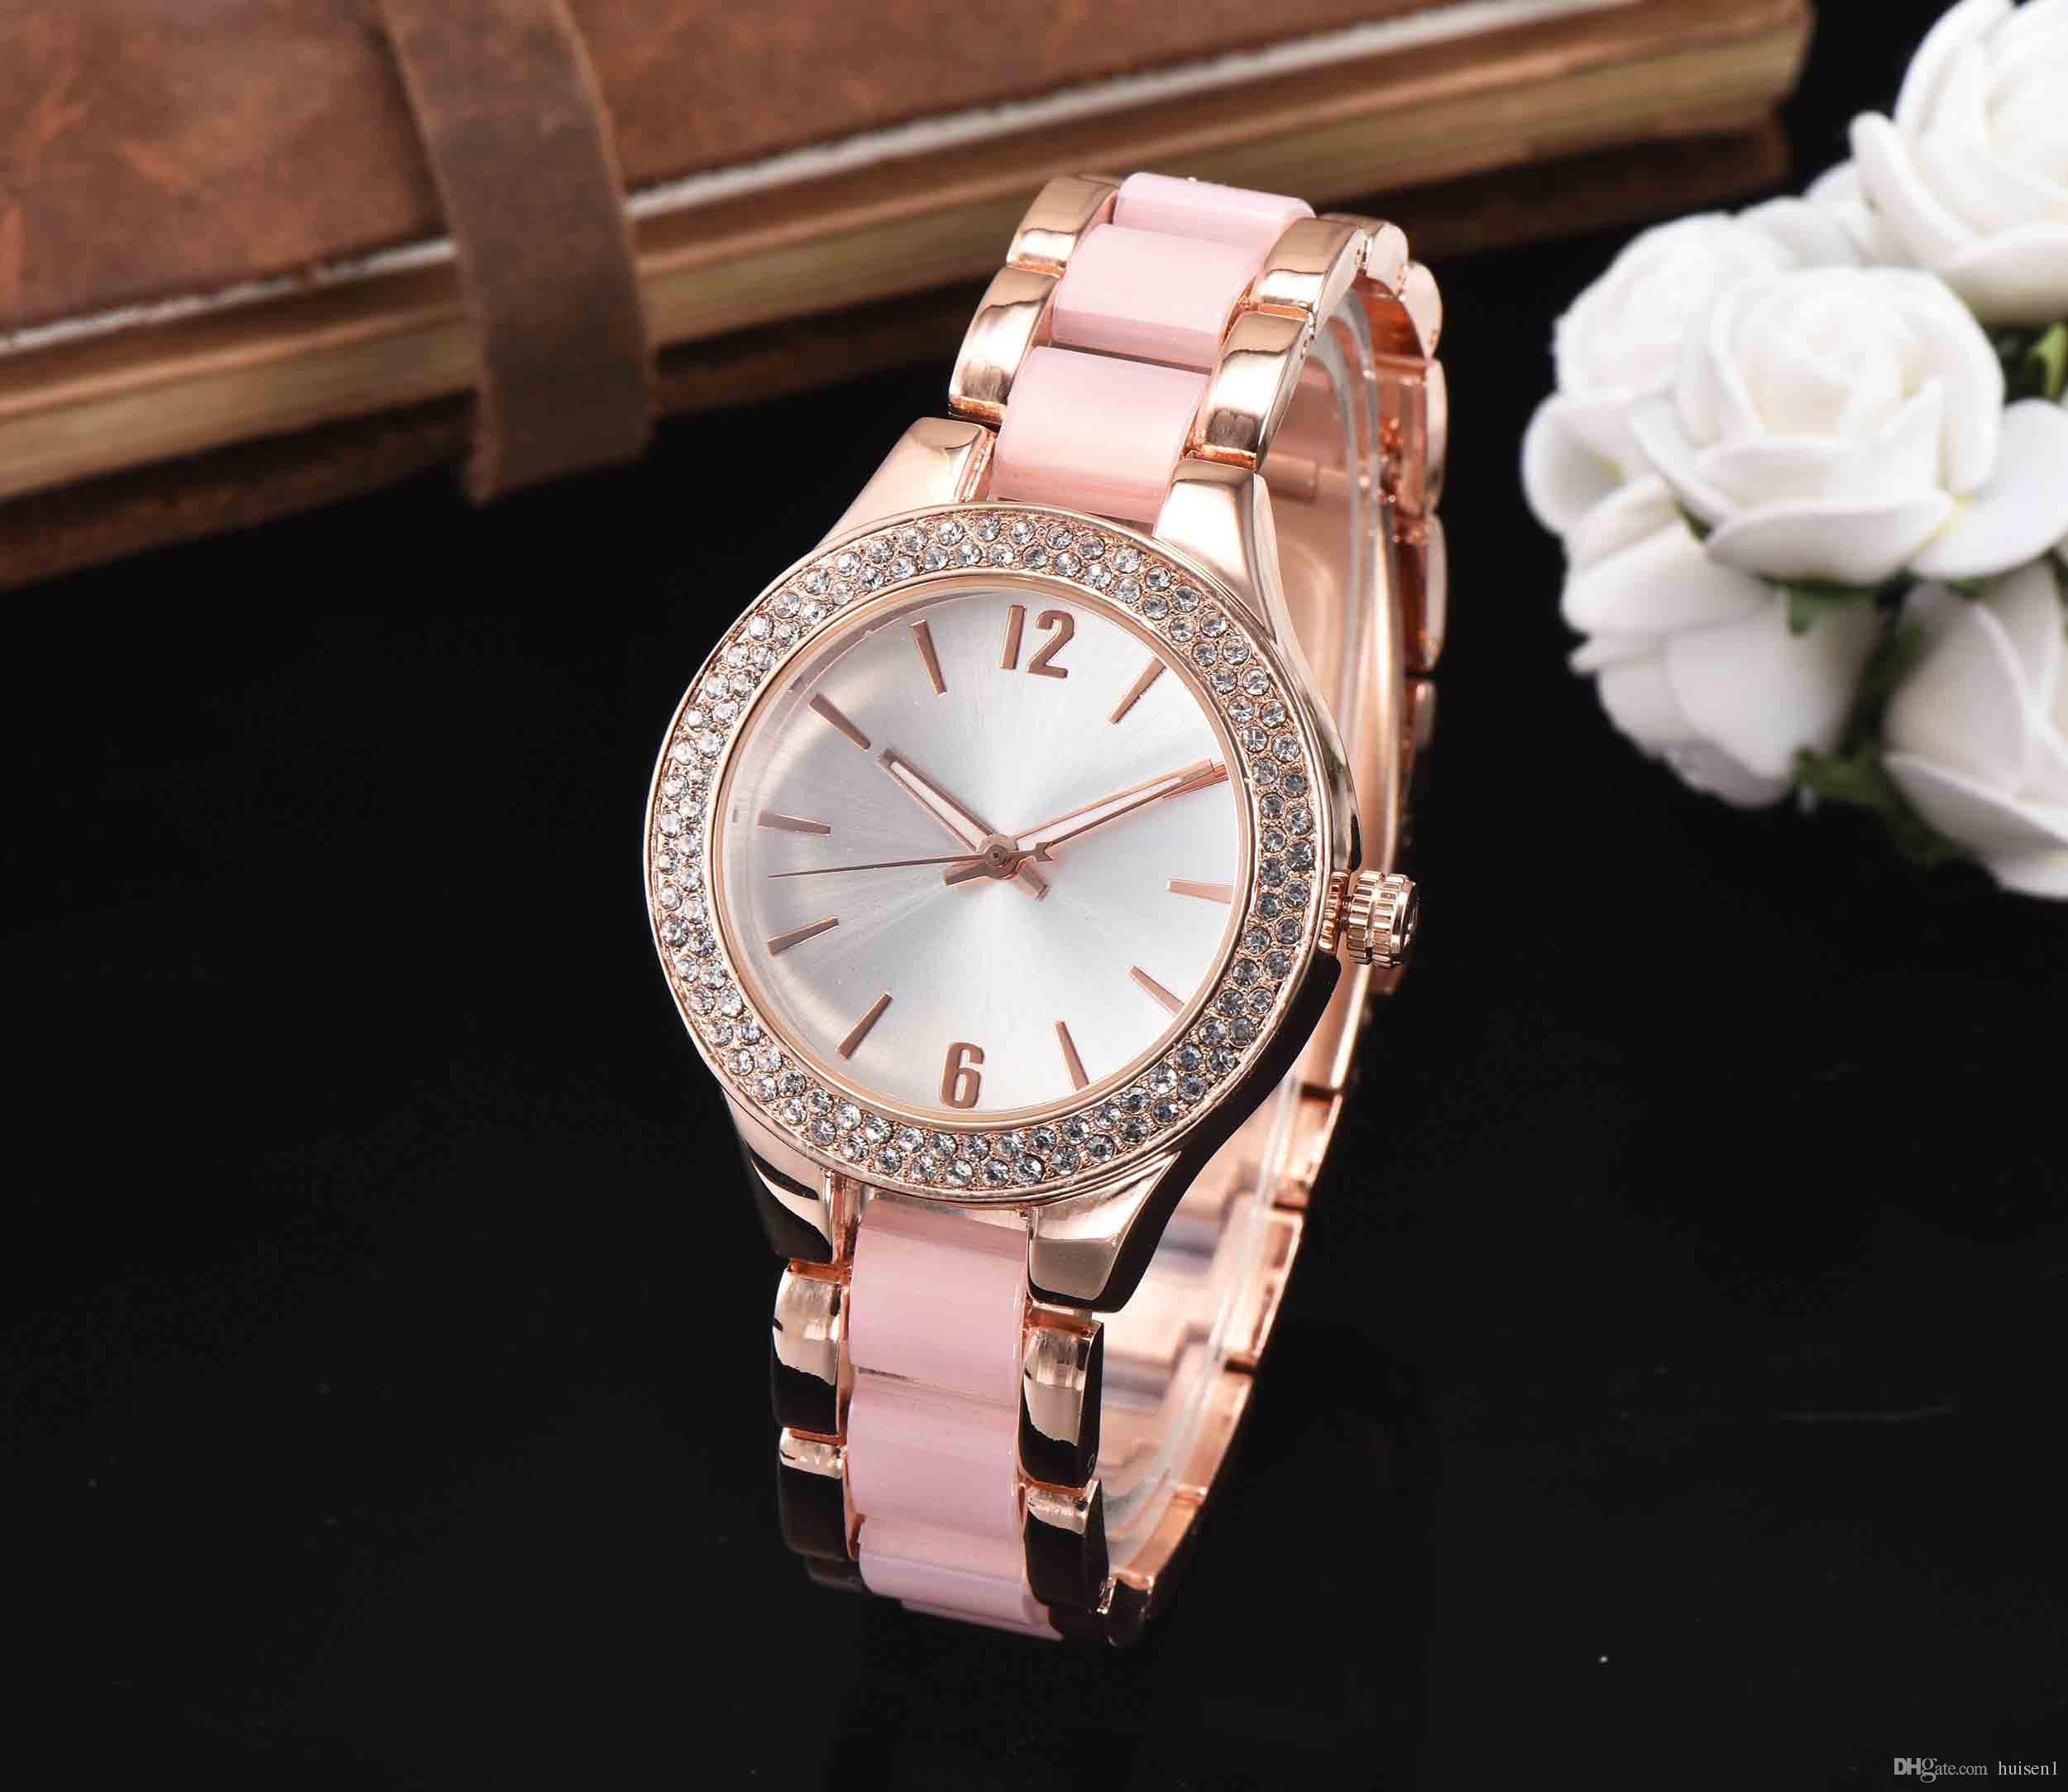 f1167134b55 Compre Luxo De Marca Famosas Designers Elegantes Senhoras Relógios De Ouro  Diamantes Relogio Feminino Aaa Qualidade Pulseira De Aço Pulseira De Relógio  Para ...